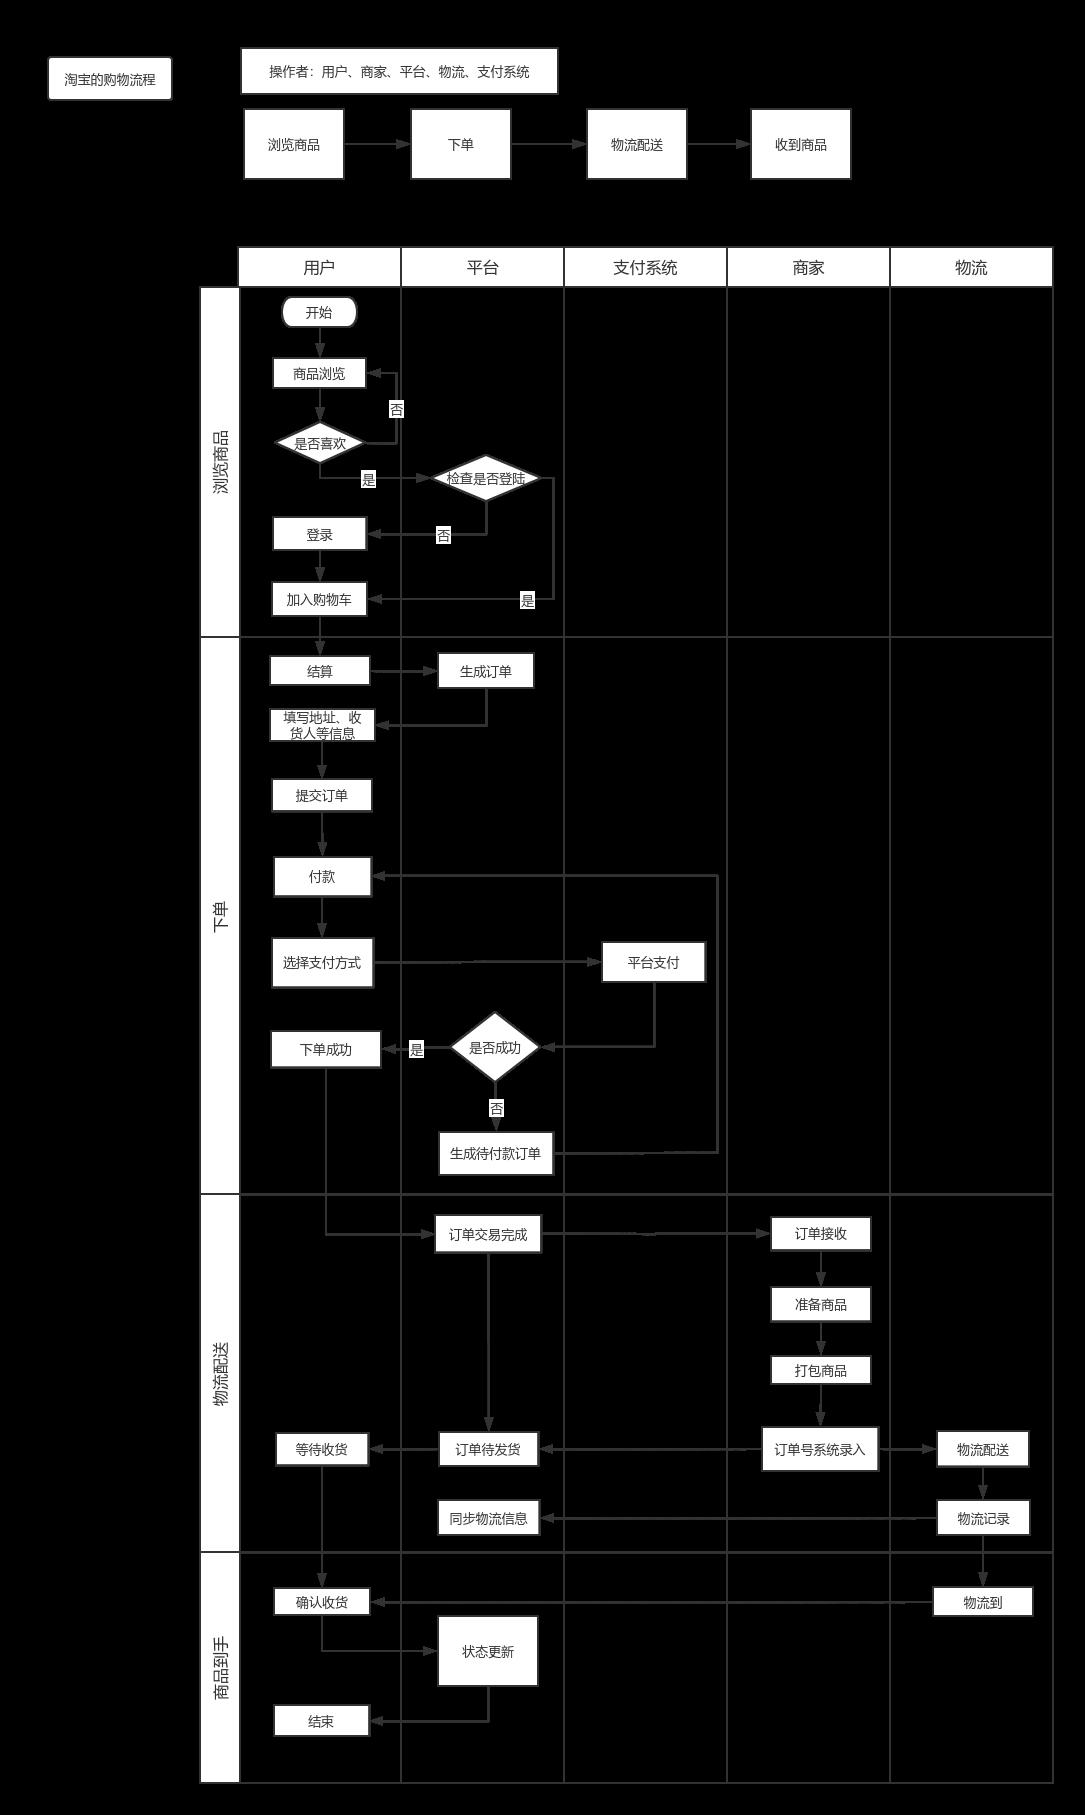 水果网站商城源码免费下载_商城网站源码_免费商城源码 (https://www.oilcn.net.cn/) 综合教程 第2张